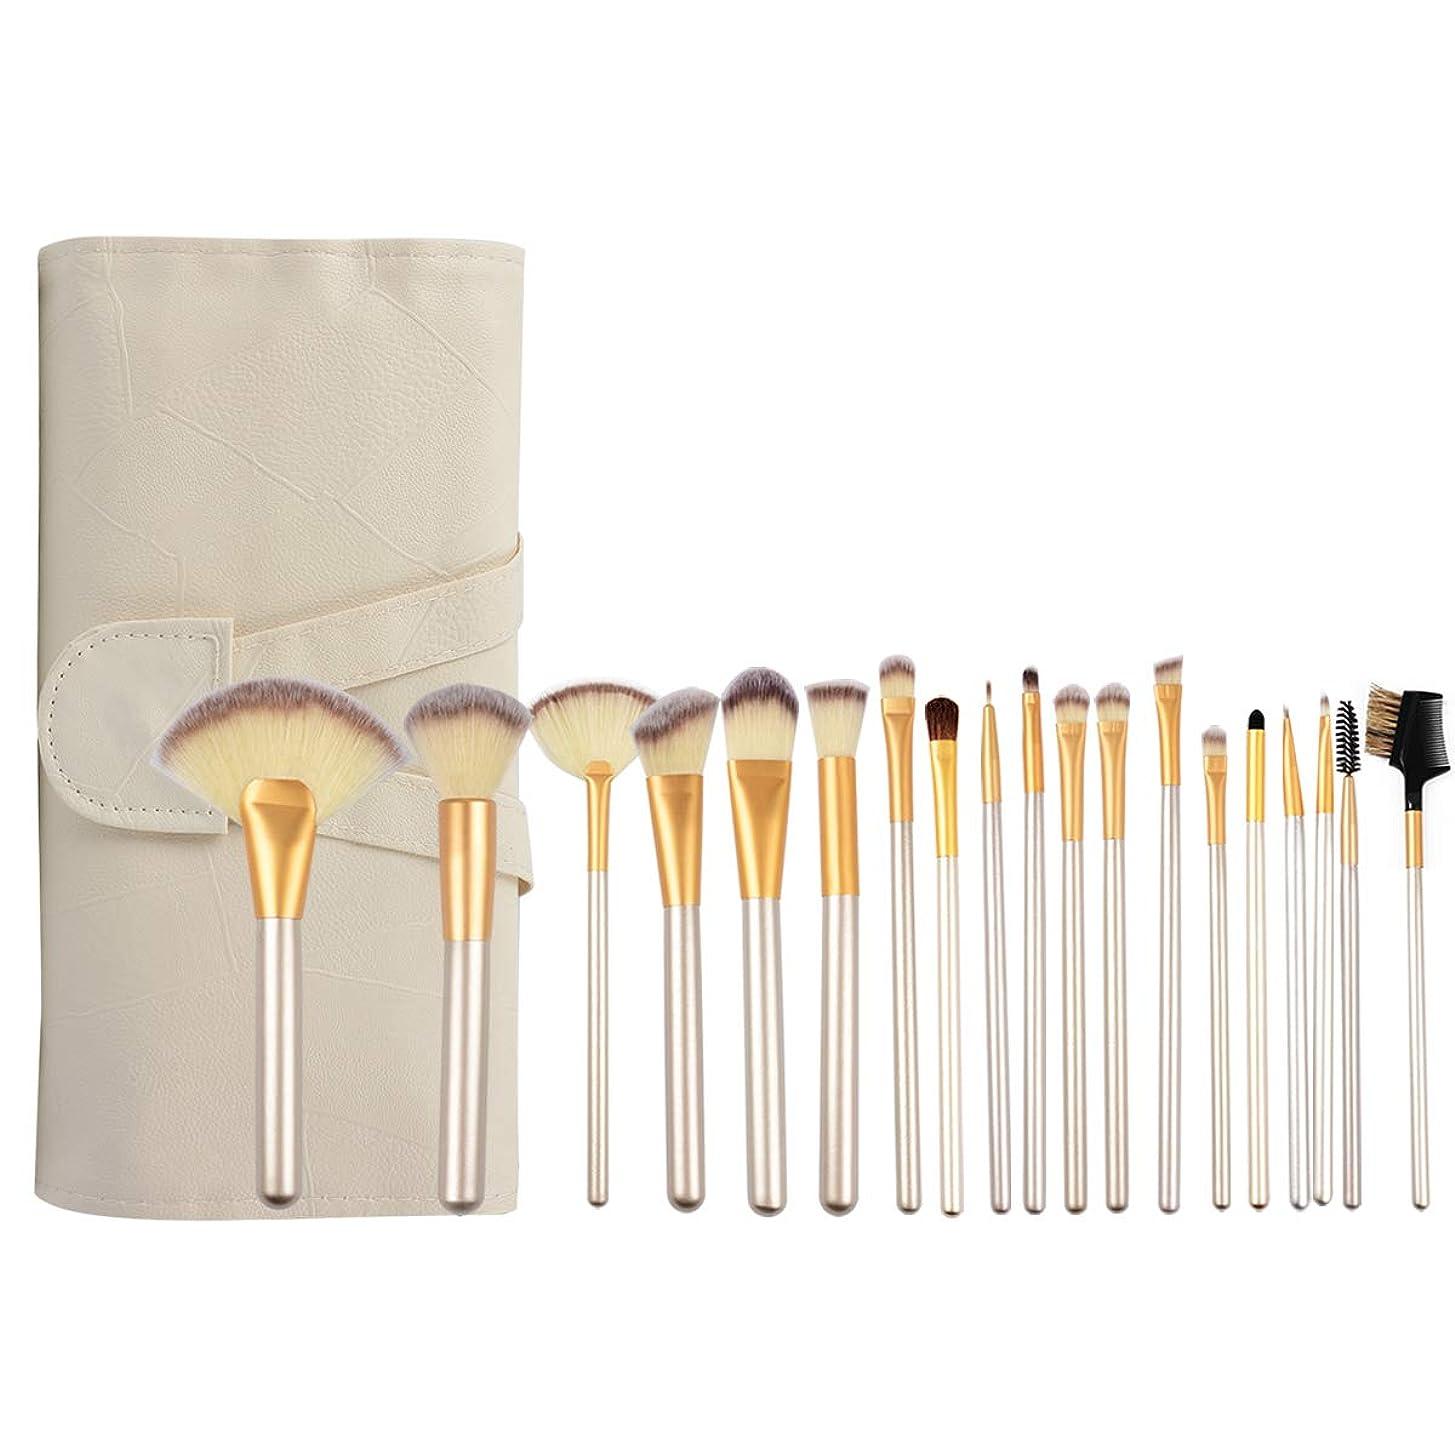 塗抹さまようお風呂Kaarii メイクブラシ 18本 人気 メイクブラシセット 専門化粧筆 化粧ポーチ フェイスブラシ 柔らかい 高級繊維毛 専用ポーチ付き コスメブラシ (18本 メークブラシ)